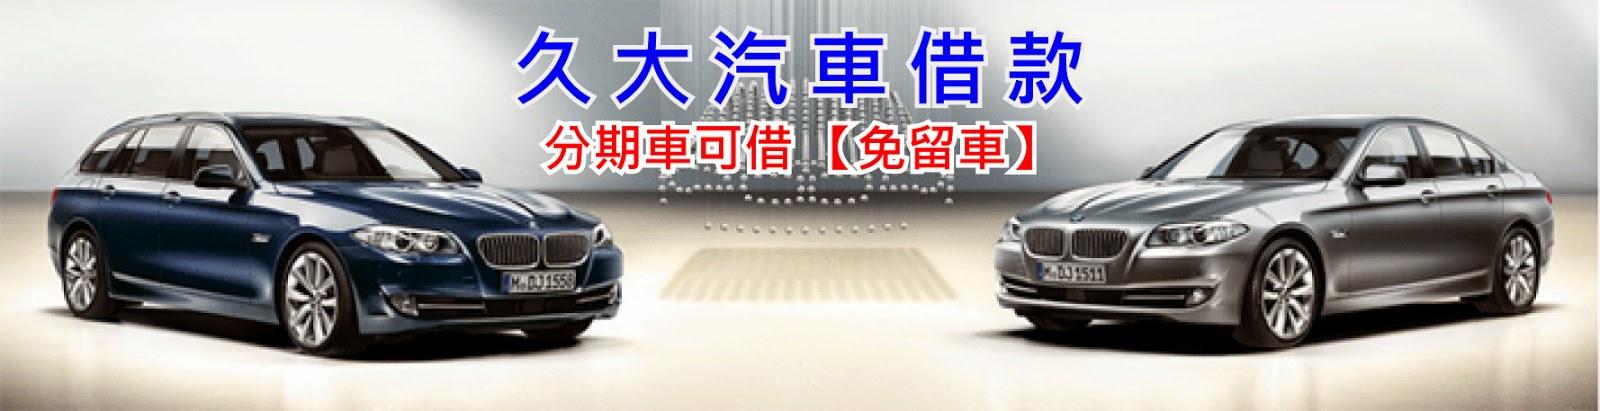 分期車可借,高額低利,立即放款【免留車】